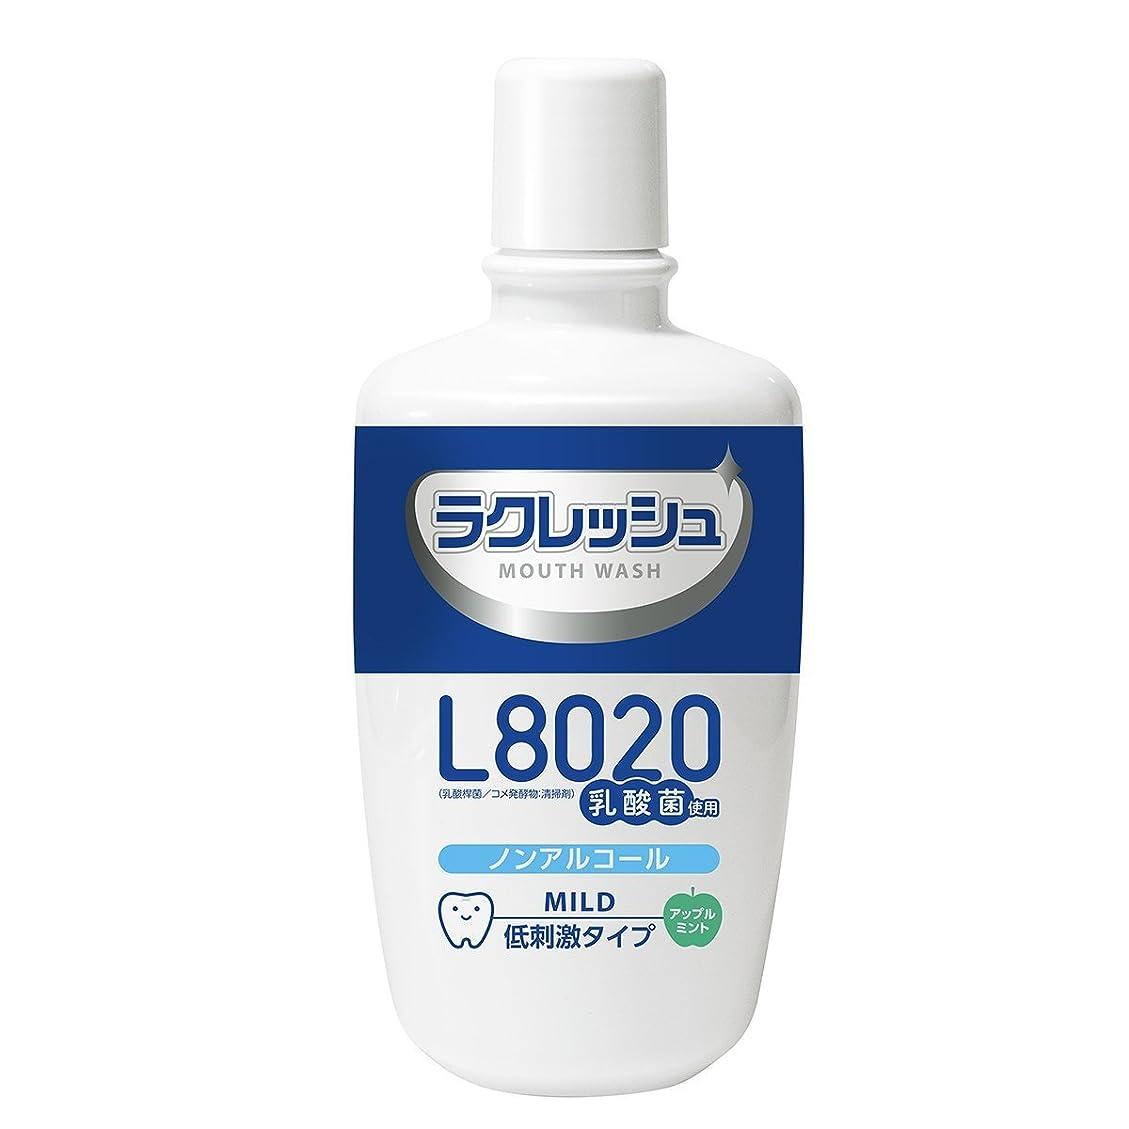 折パッケージクアッガラクレッシュ L8020菌 マウスウォッシュ 3本セット (マイルド)